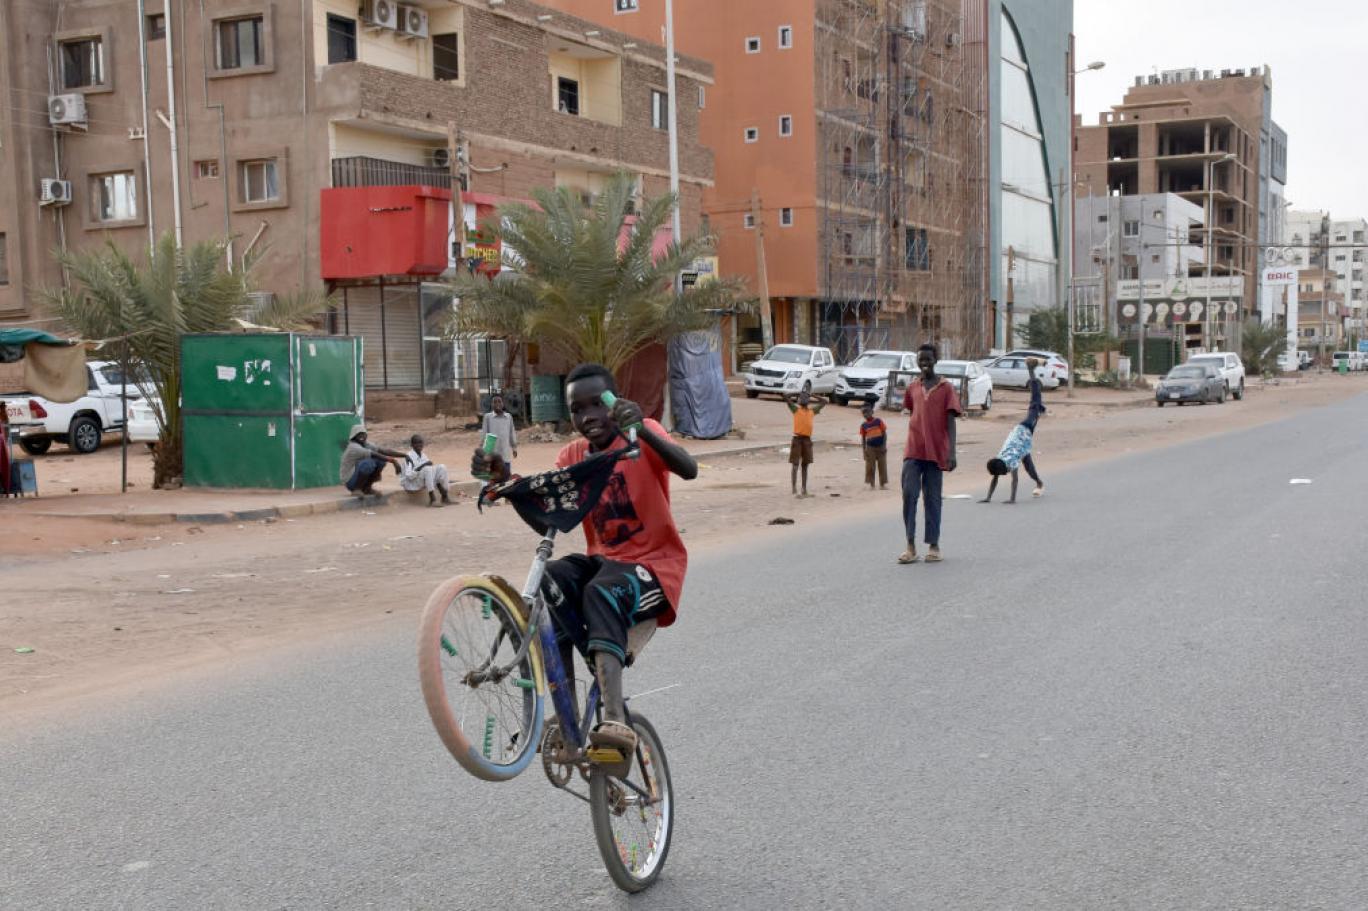 الفقر في الخرطوم يحول دون تنفيذ حظر التجول | اندبندنت عربية